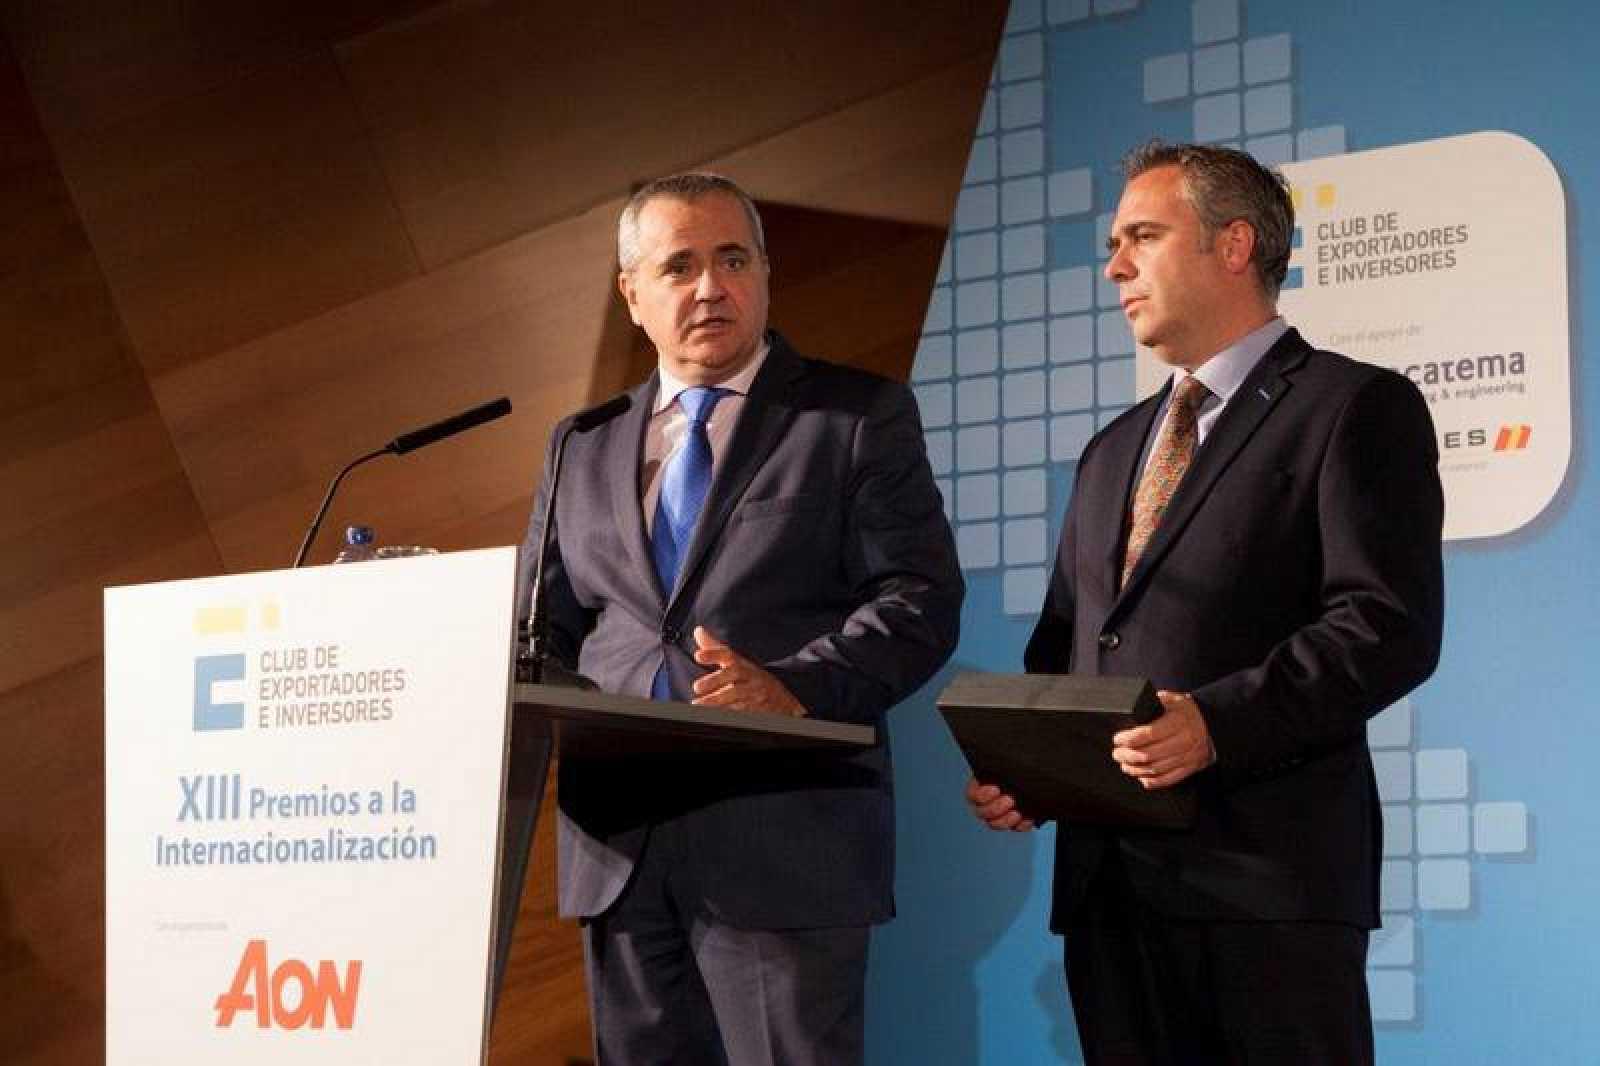 Premio a la Internacionalización del Club de Exportadores e Inversores